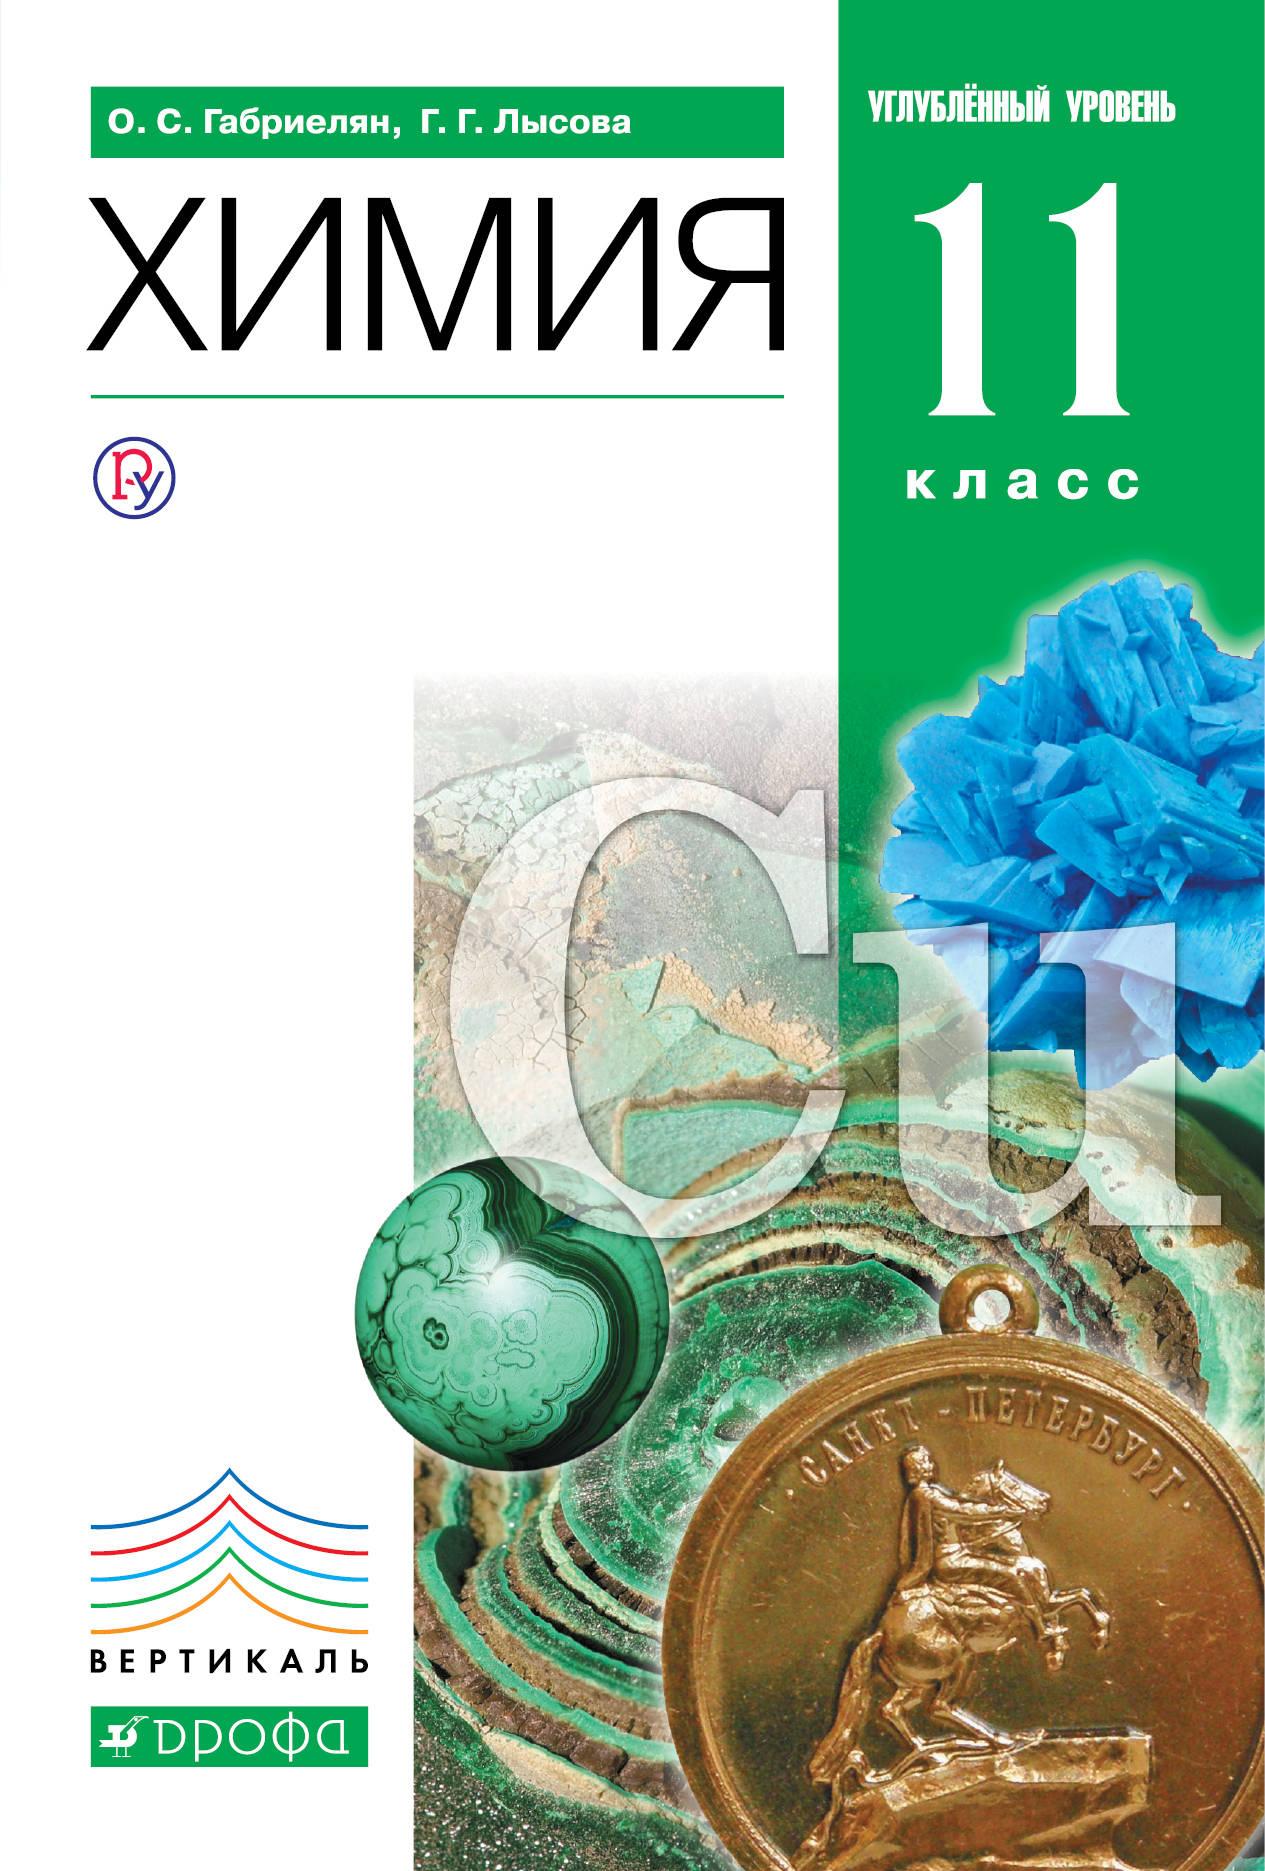 О. С. Габриелян,Г. Г. Лысова Химия. 11 класс. Учебник. Углубленный уровень